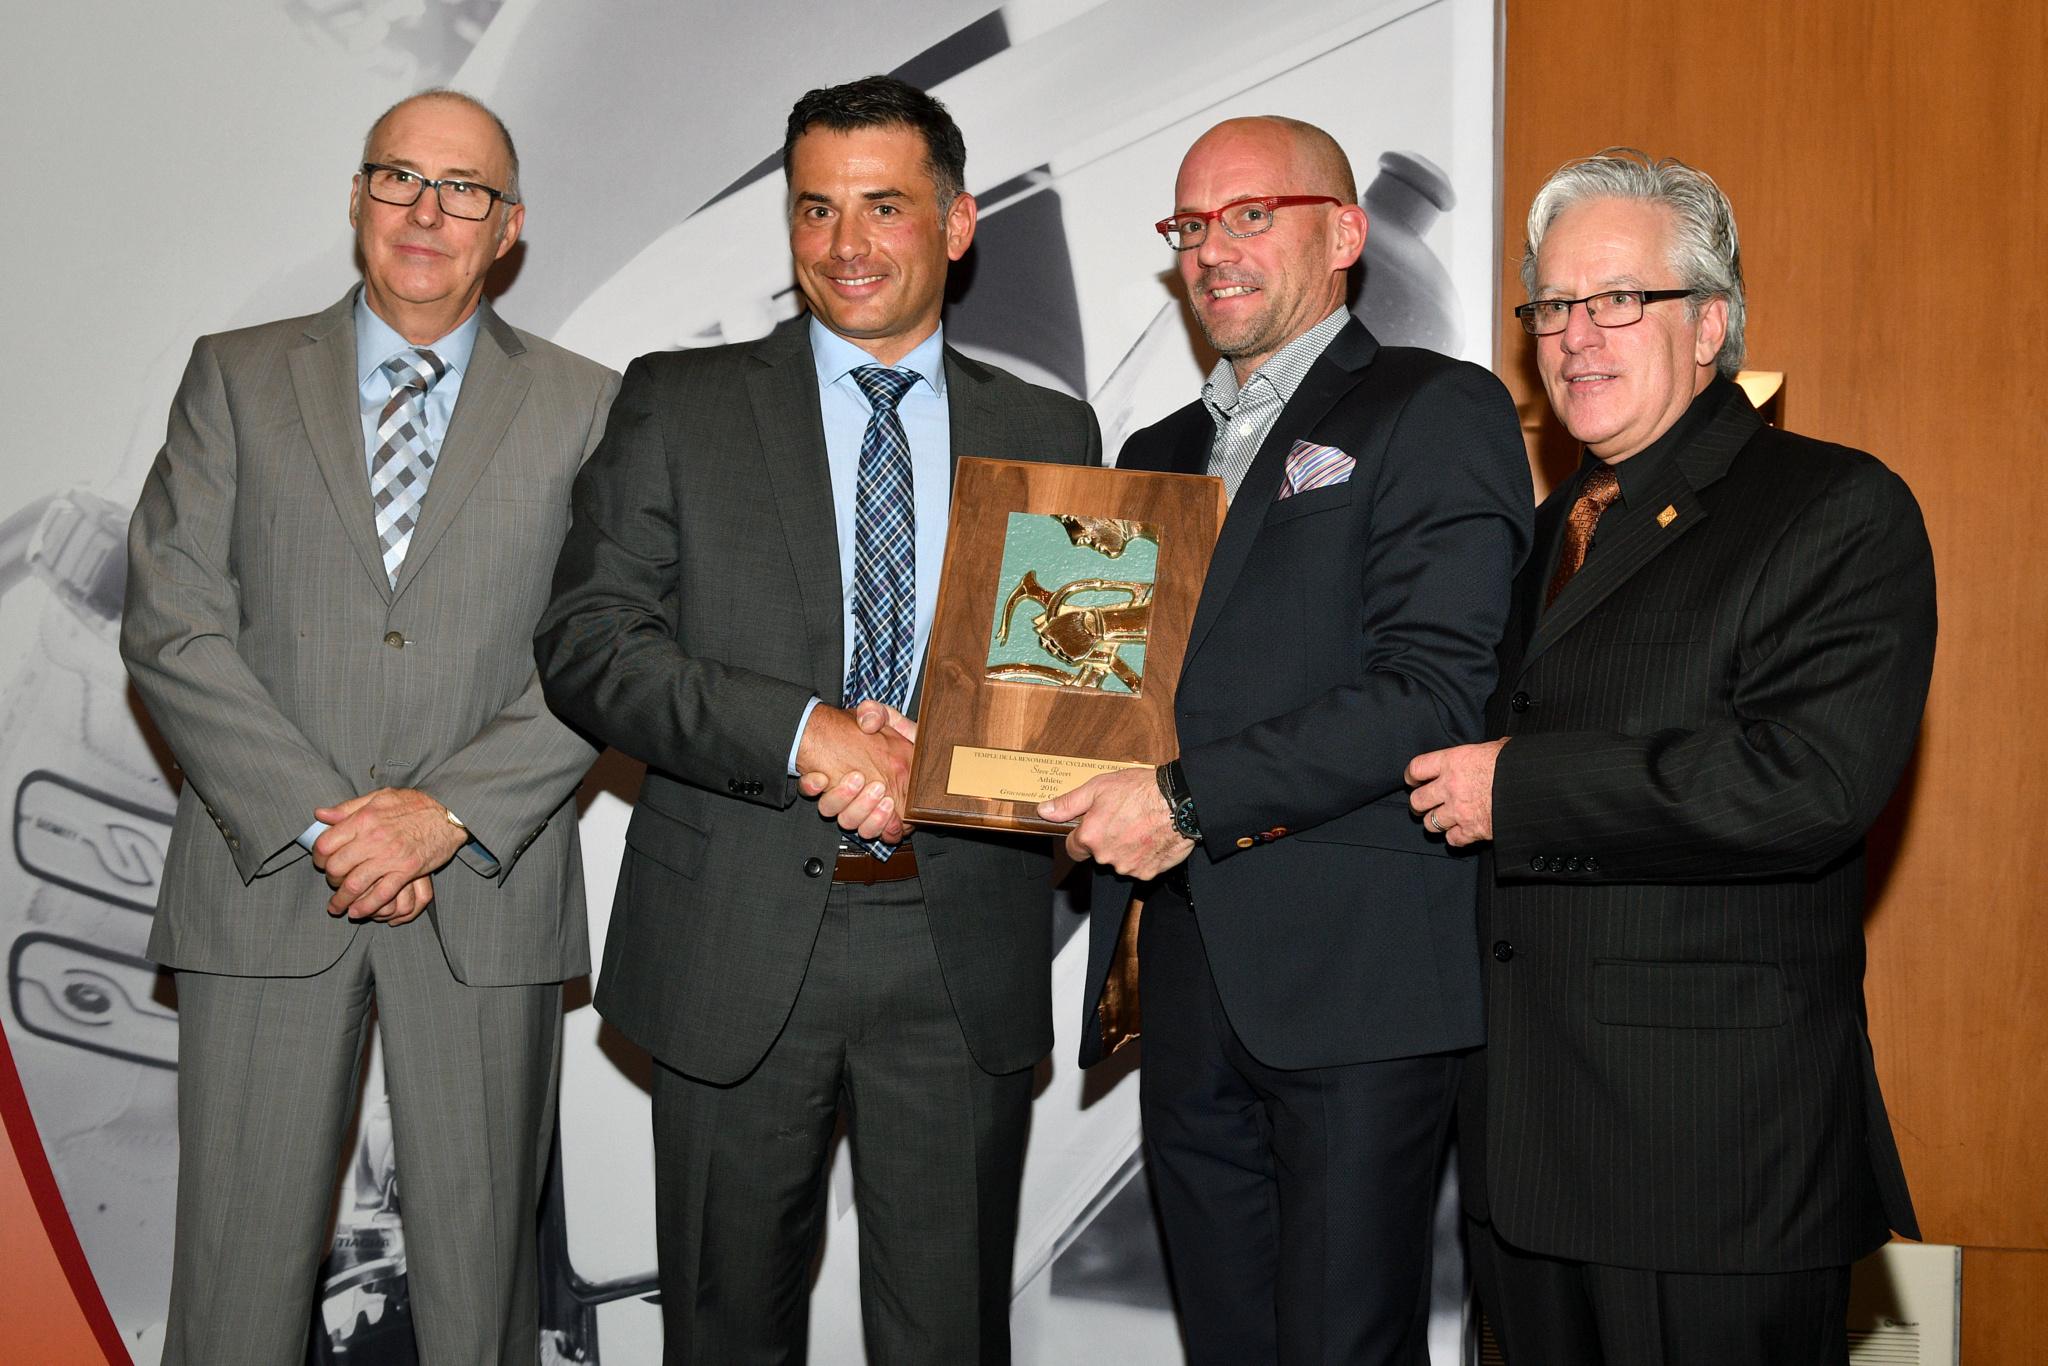 Steve Rover accompagné de (gauche à droite) : Gilles Durand, Sylvain Leroux et André Michaud